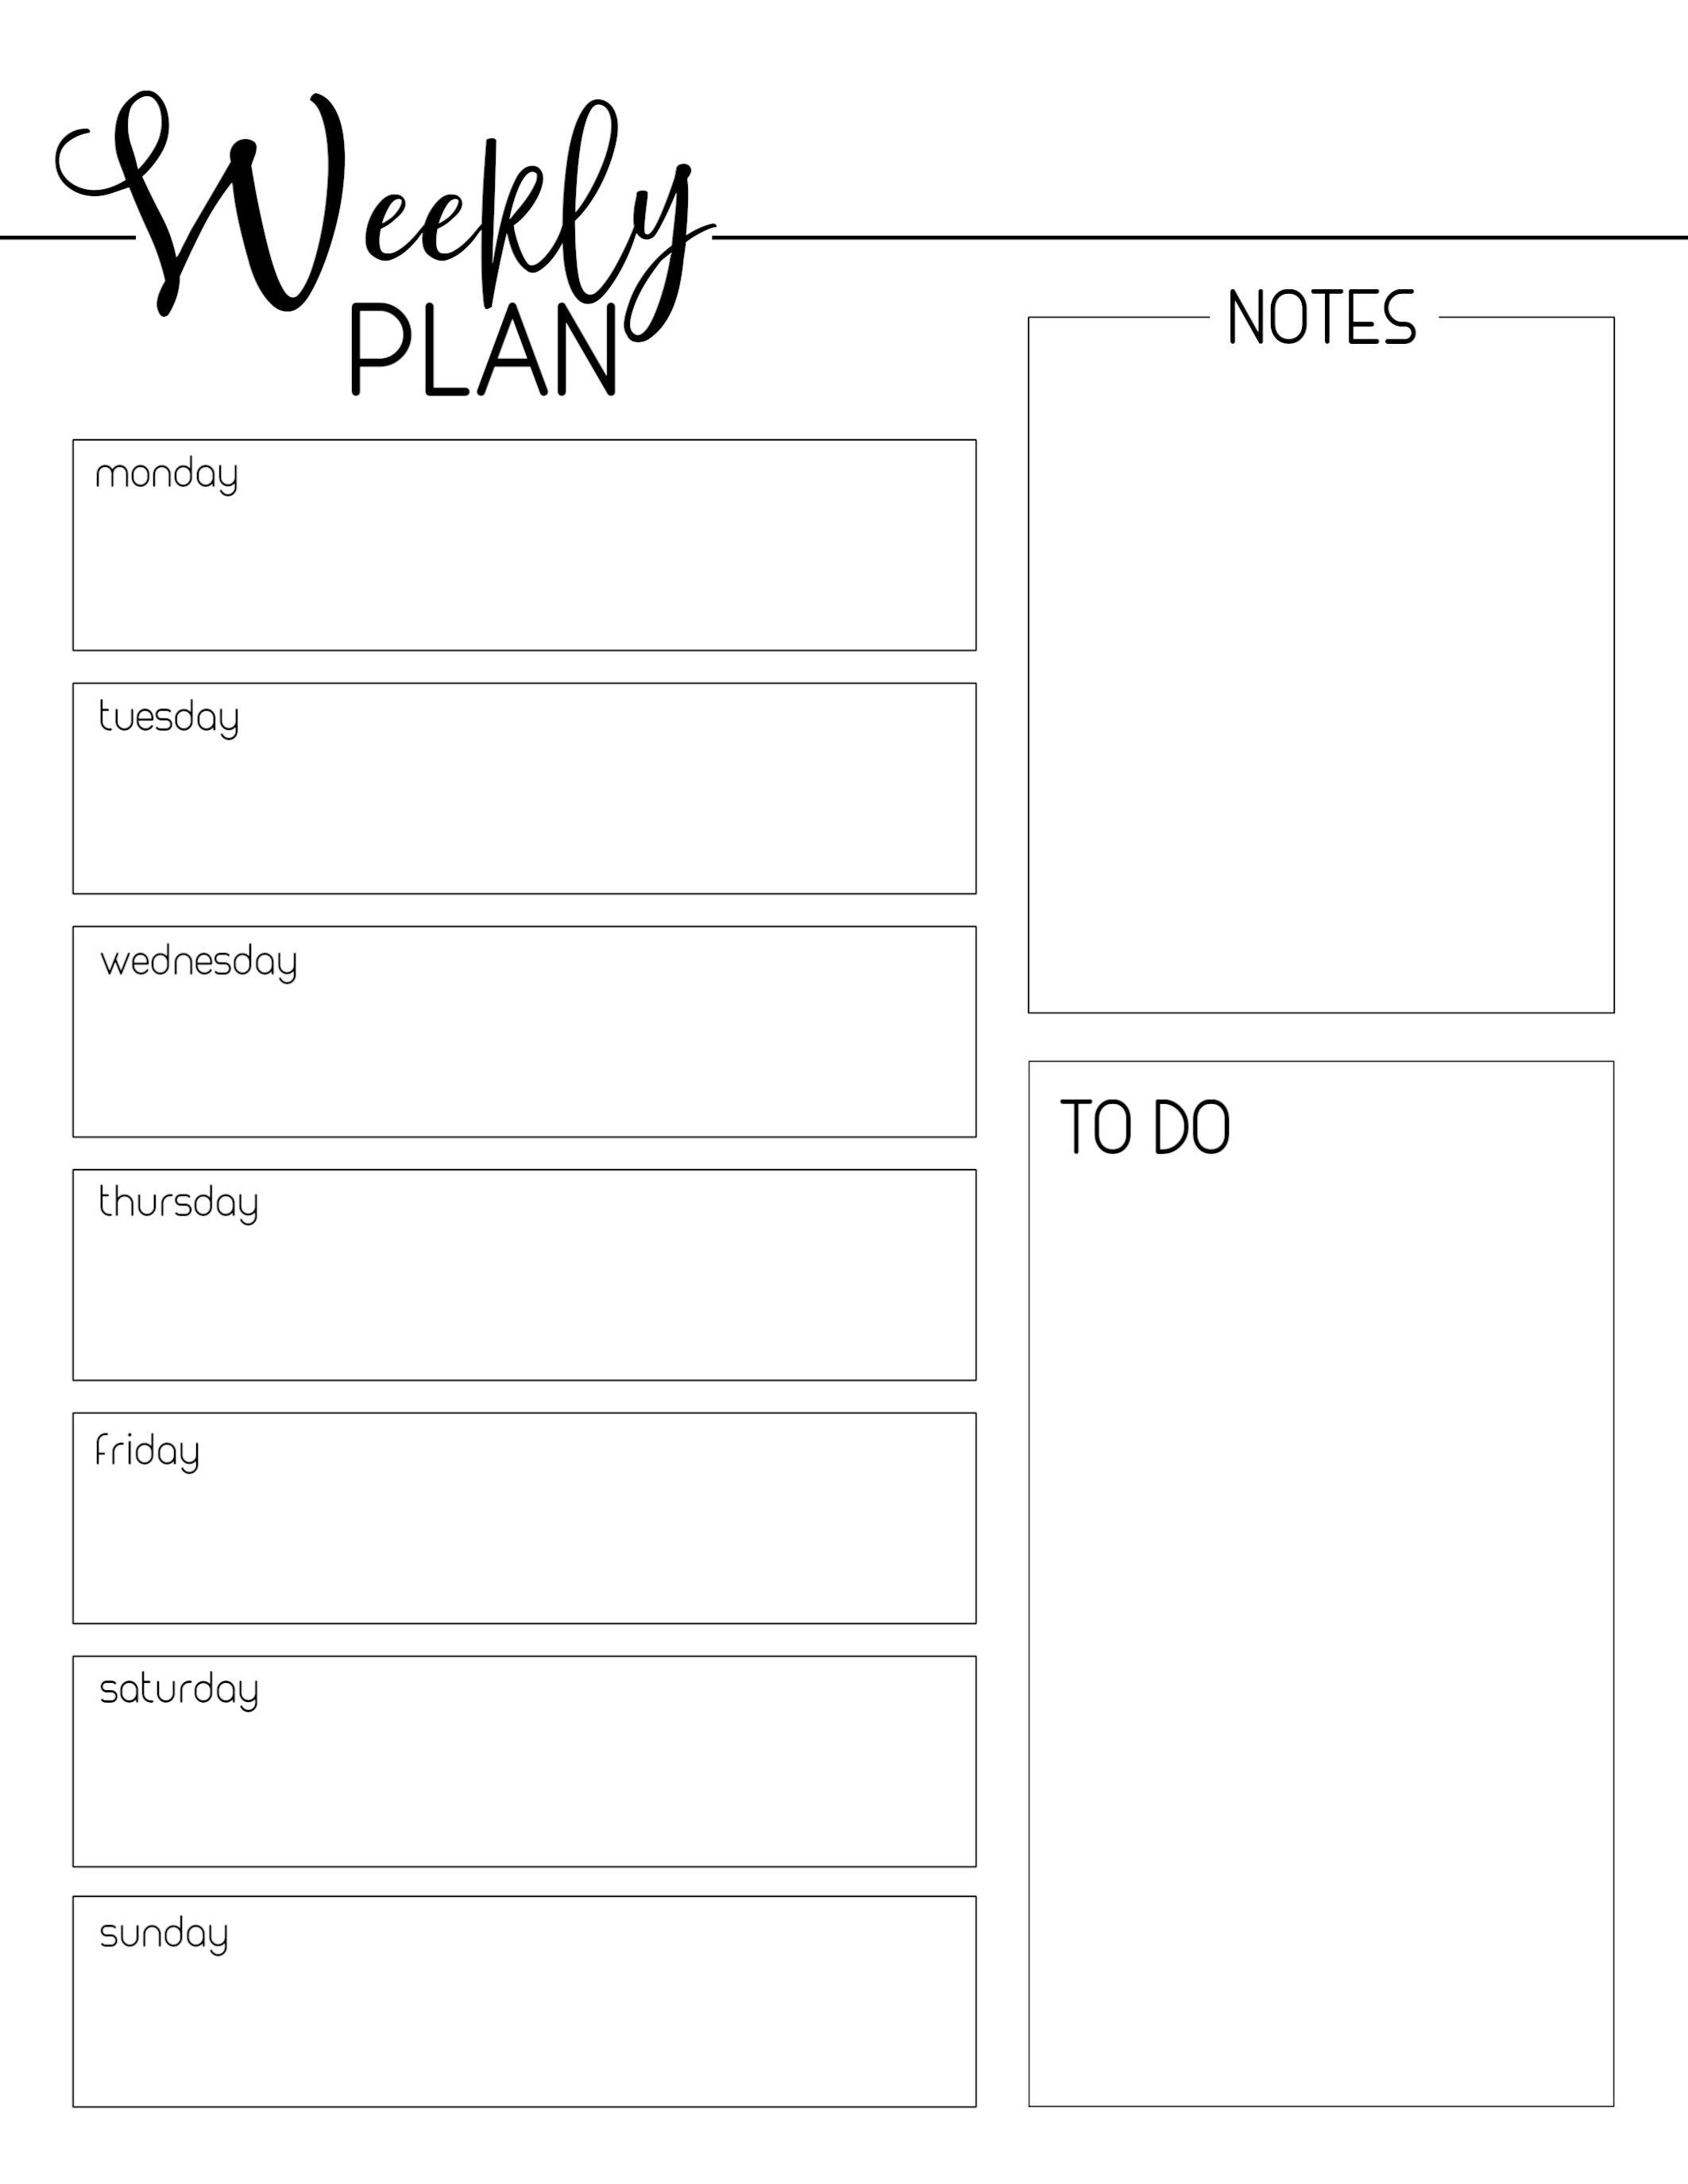 Free Printable Weekly Planner Templates Weekly Planner Free Printable Weekly Planner Template Weekly Planner Free